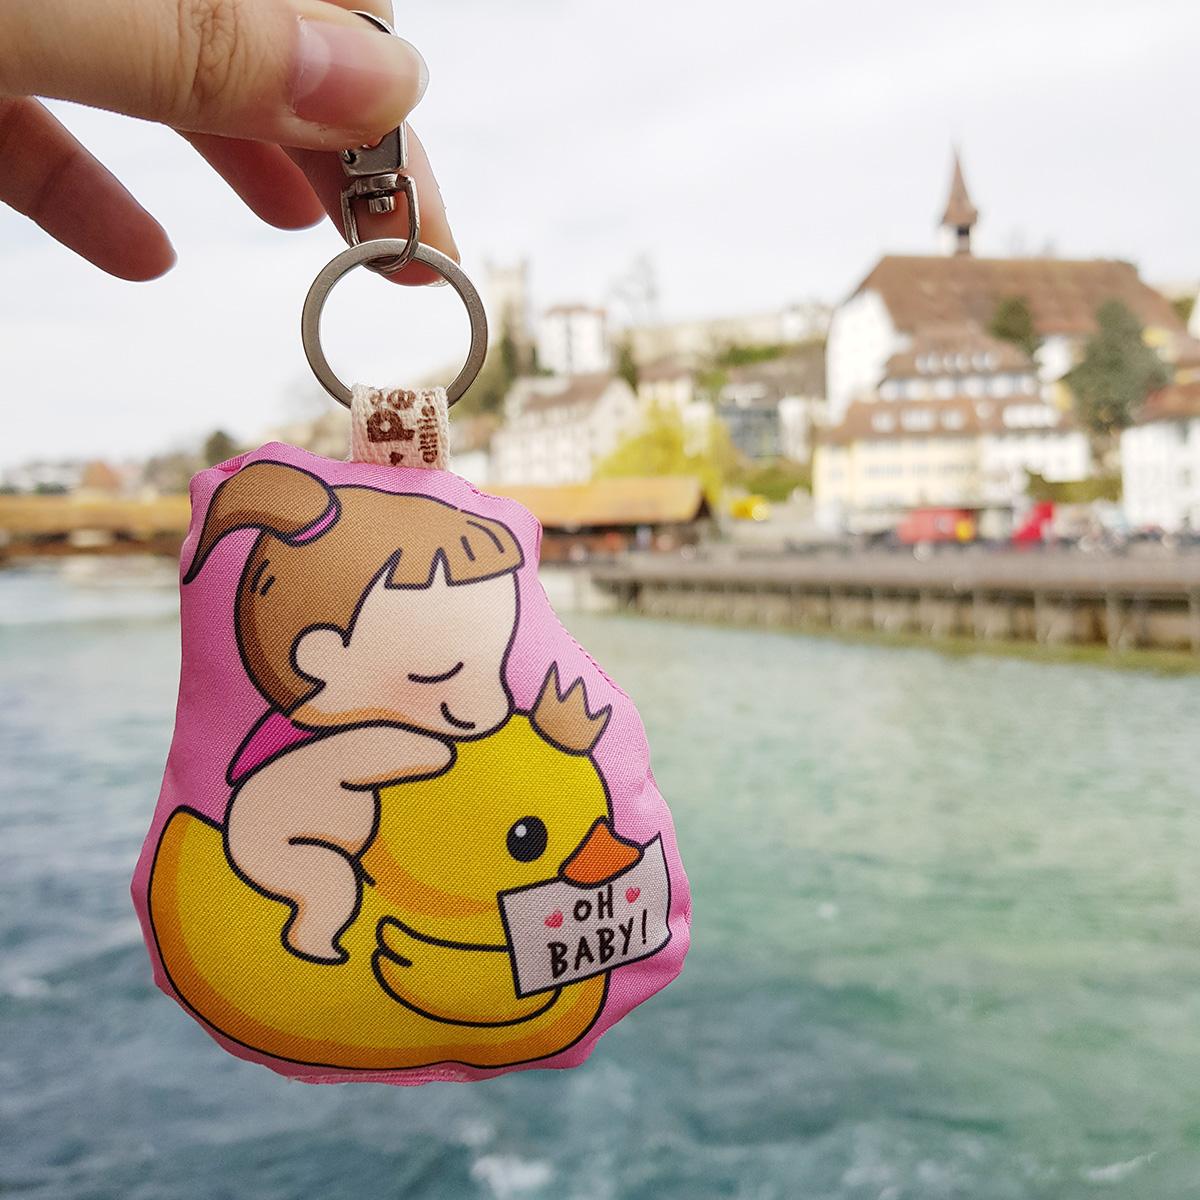 พวงกุญแจพร้อมส่ง ลาย Ducky & Baby Girl